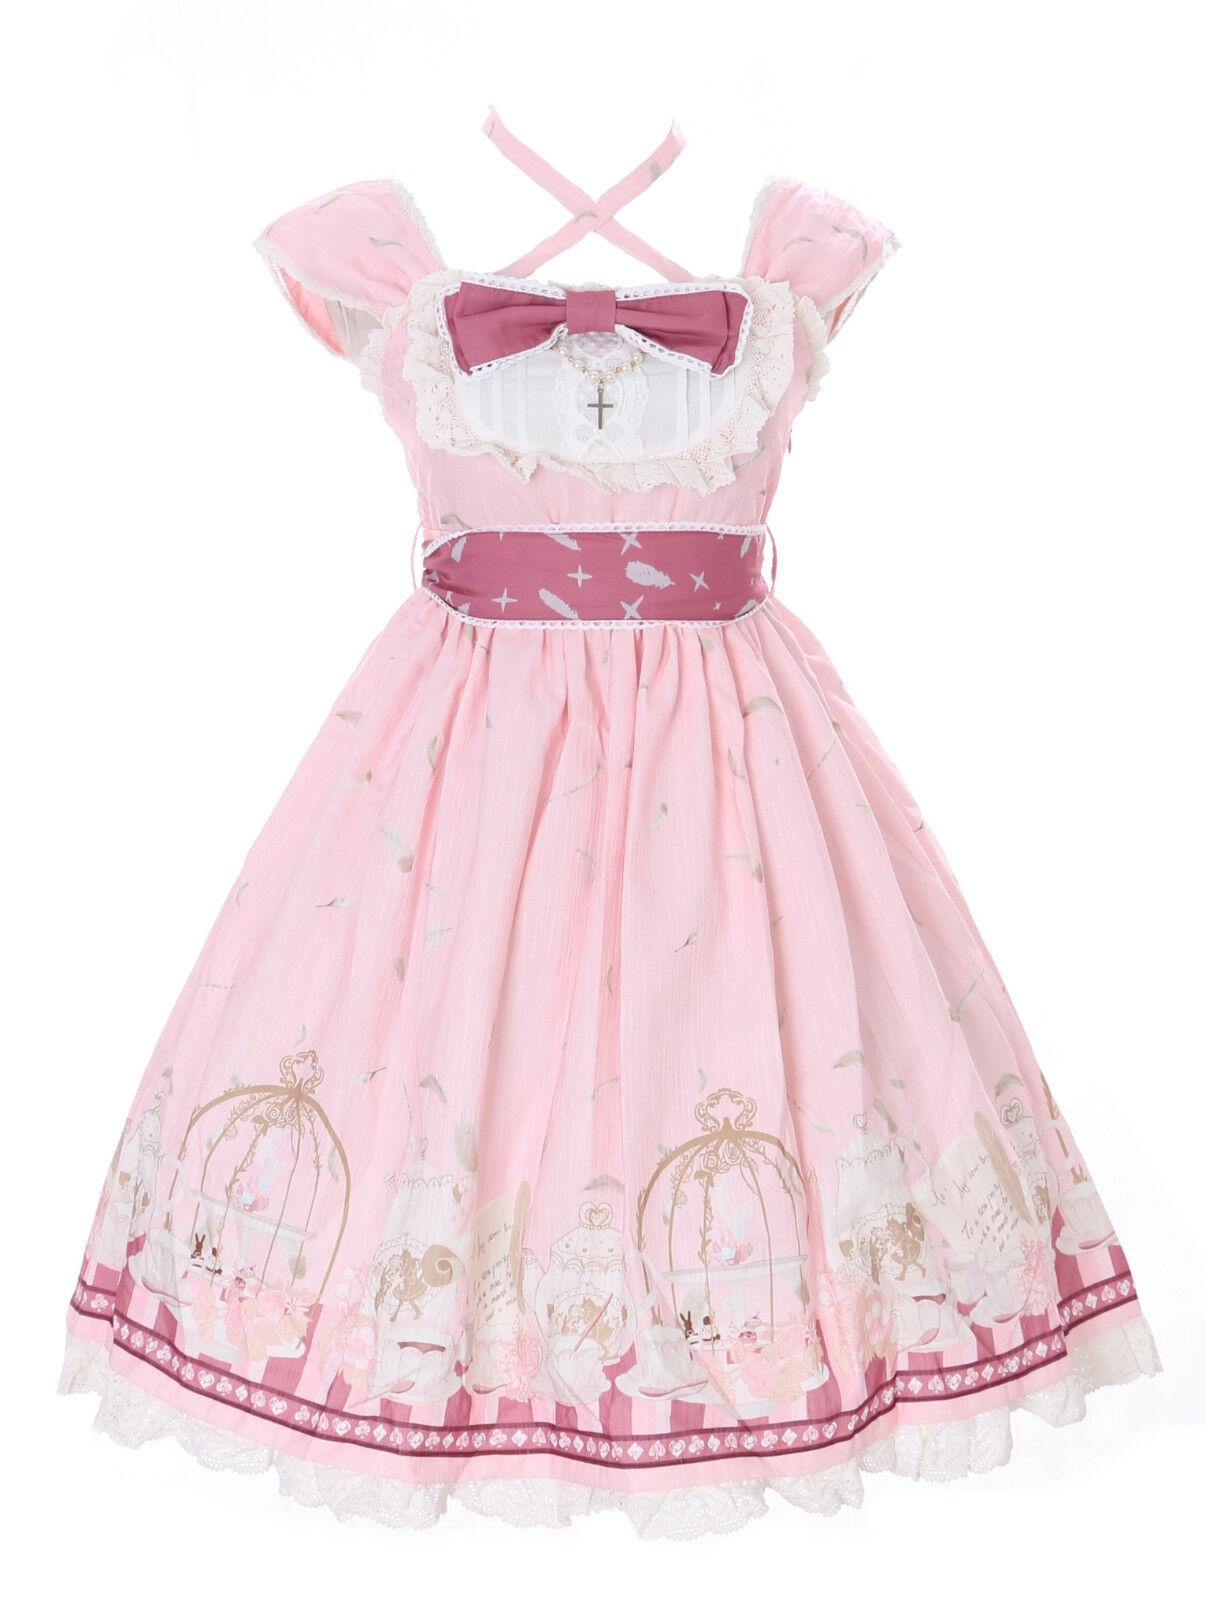 JSK-25-1 Rosa Tea-Time Party Alice Wonderland Sweet Pastel Goth Lolita Kleid | Speichern  | Reichlich Und Pünktliche Lieferung  | Abrechnungspreis